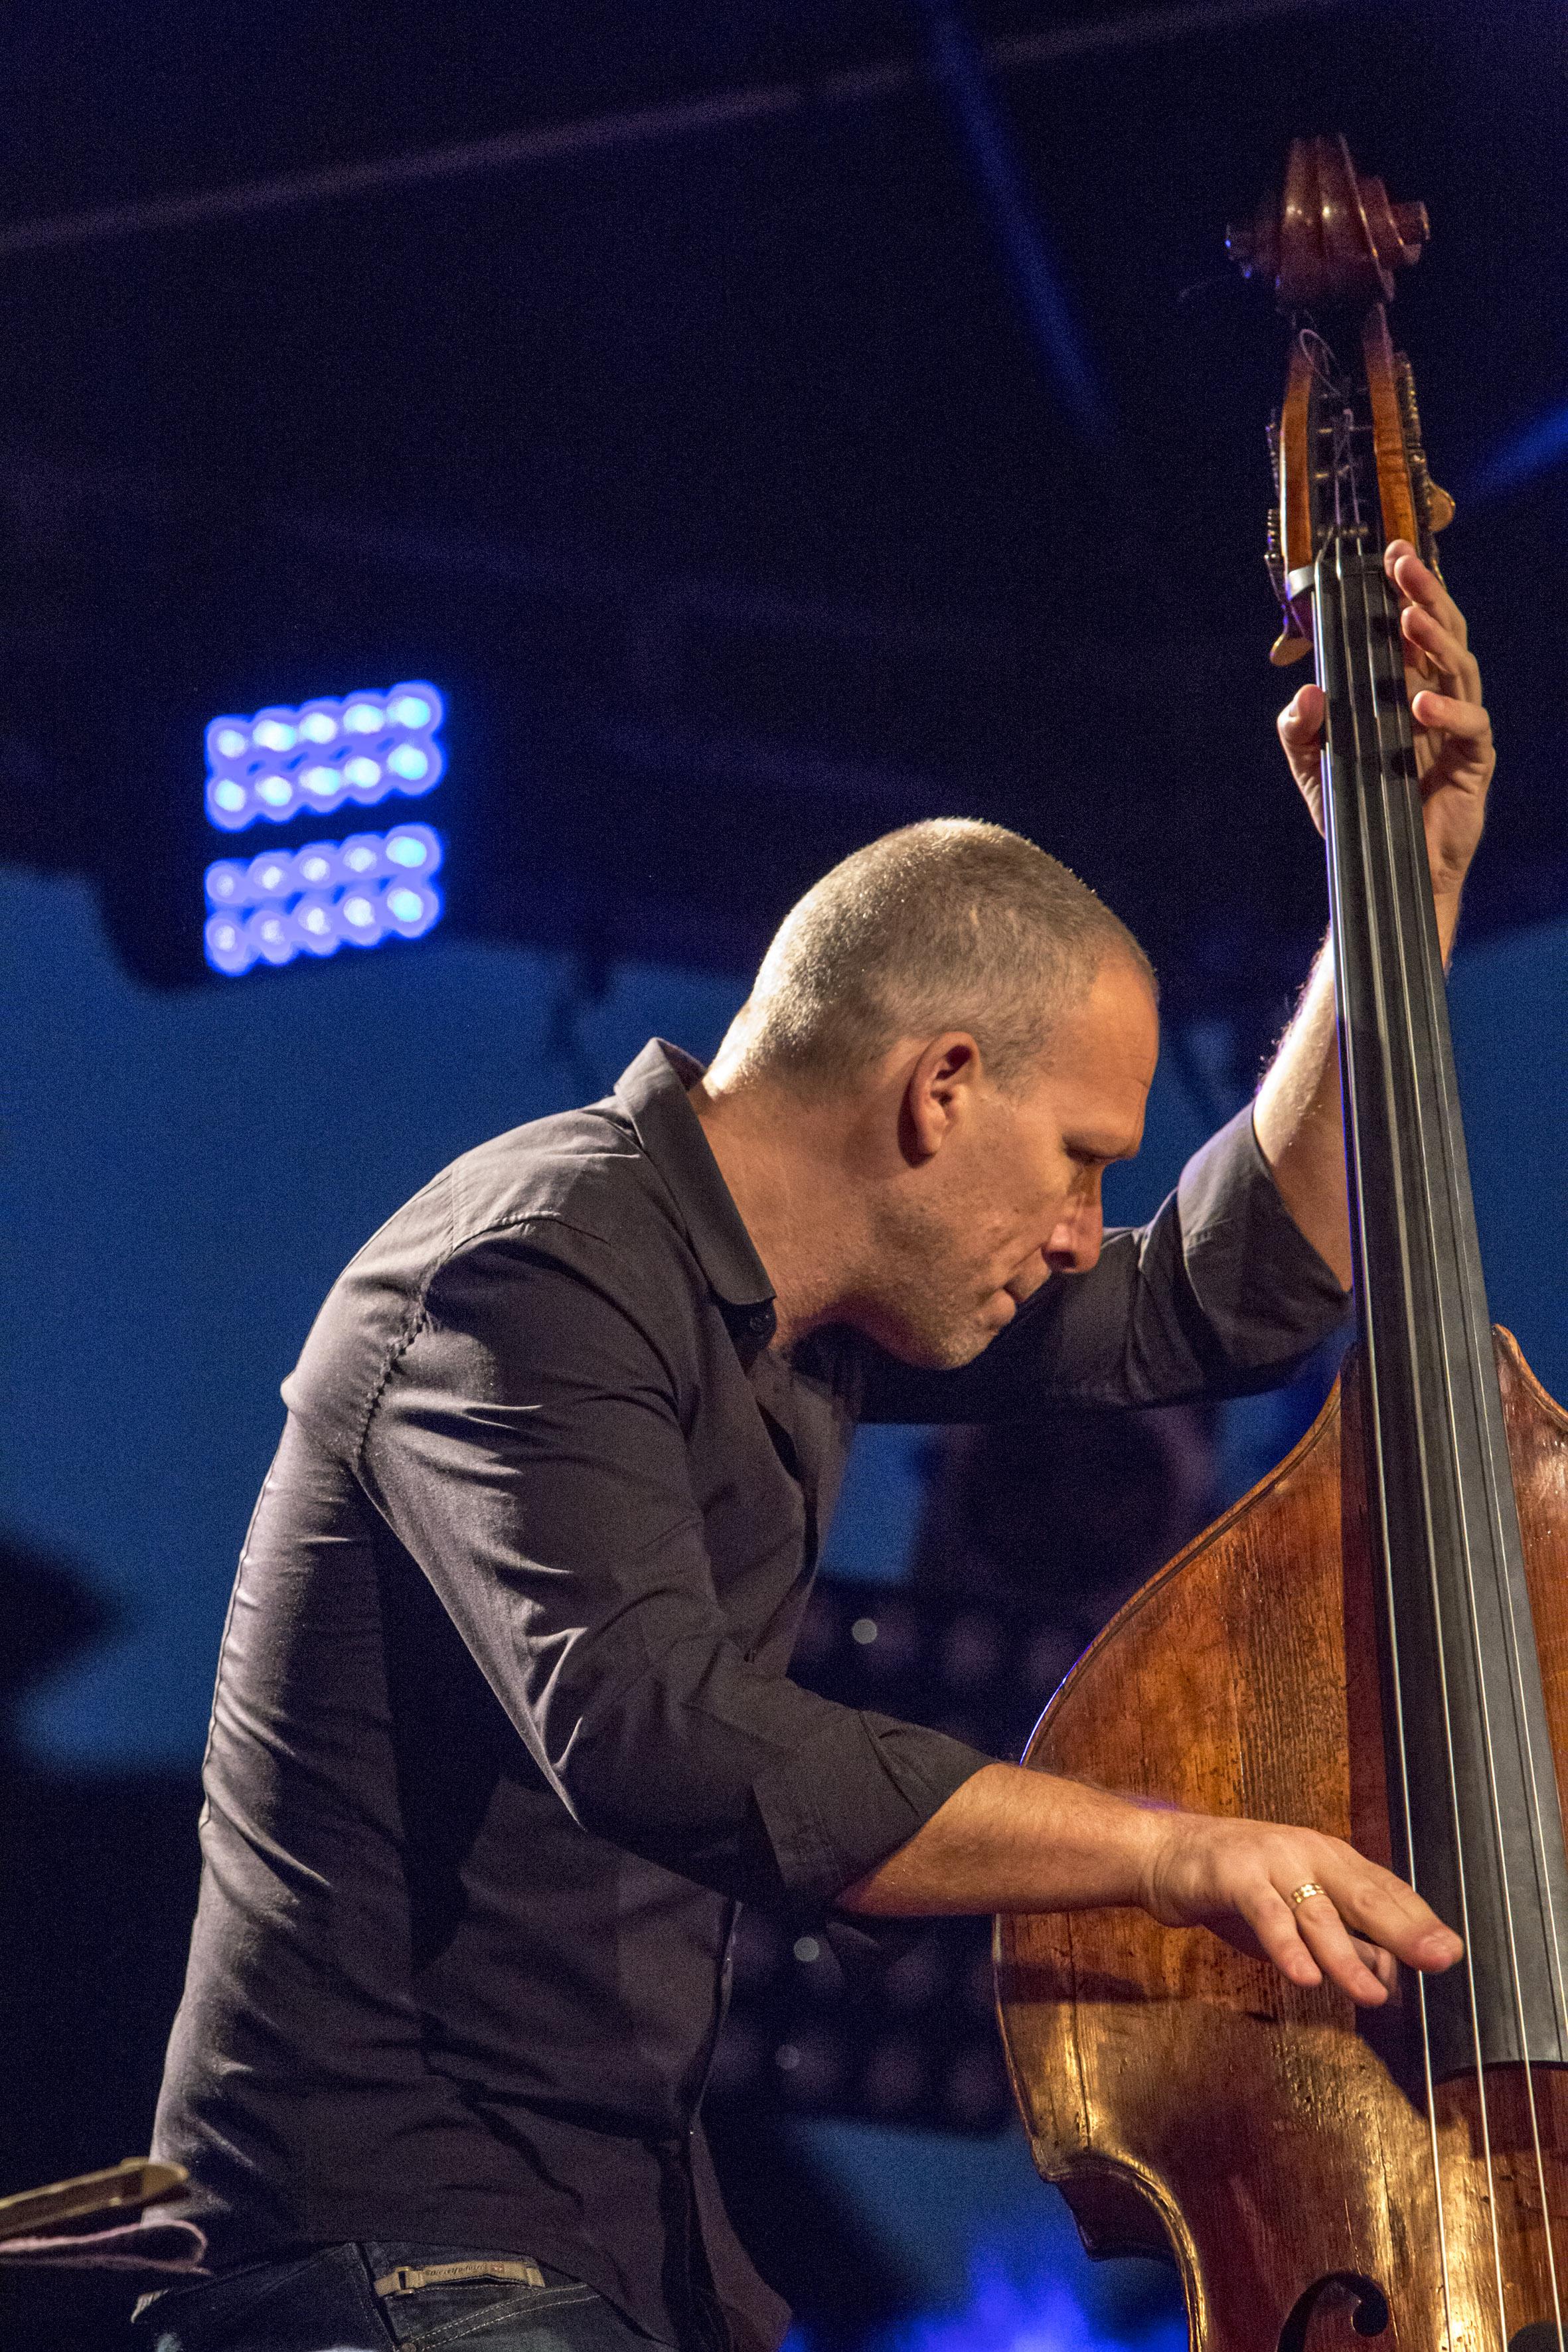 portraits-avishai-cohen-trio-festival-au gr+¿s-du jazz-la-petite-pierre-2014-marie-colette-becker-08